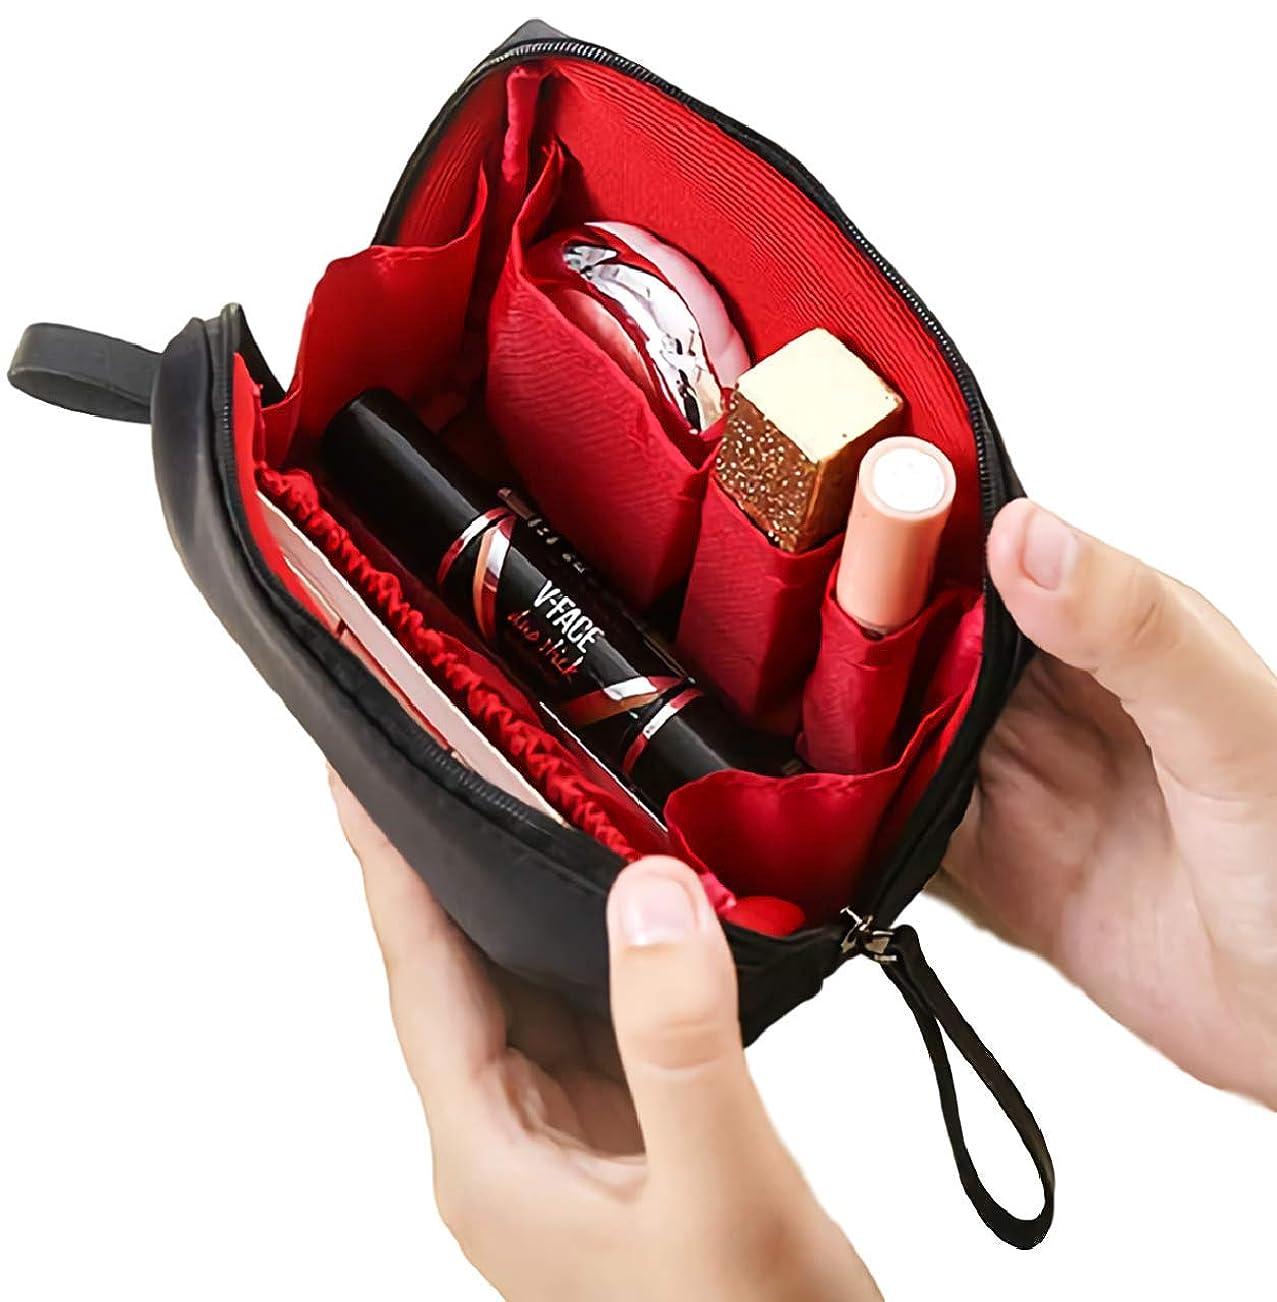 ボイラー刃調べる[ウレギッシュ] 化粧ポーチ コンパクト メイクポーチ 化粧品 化粧道具 収納 バッグ (ブラック in レッド)